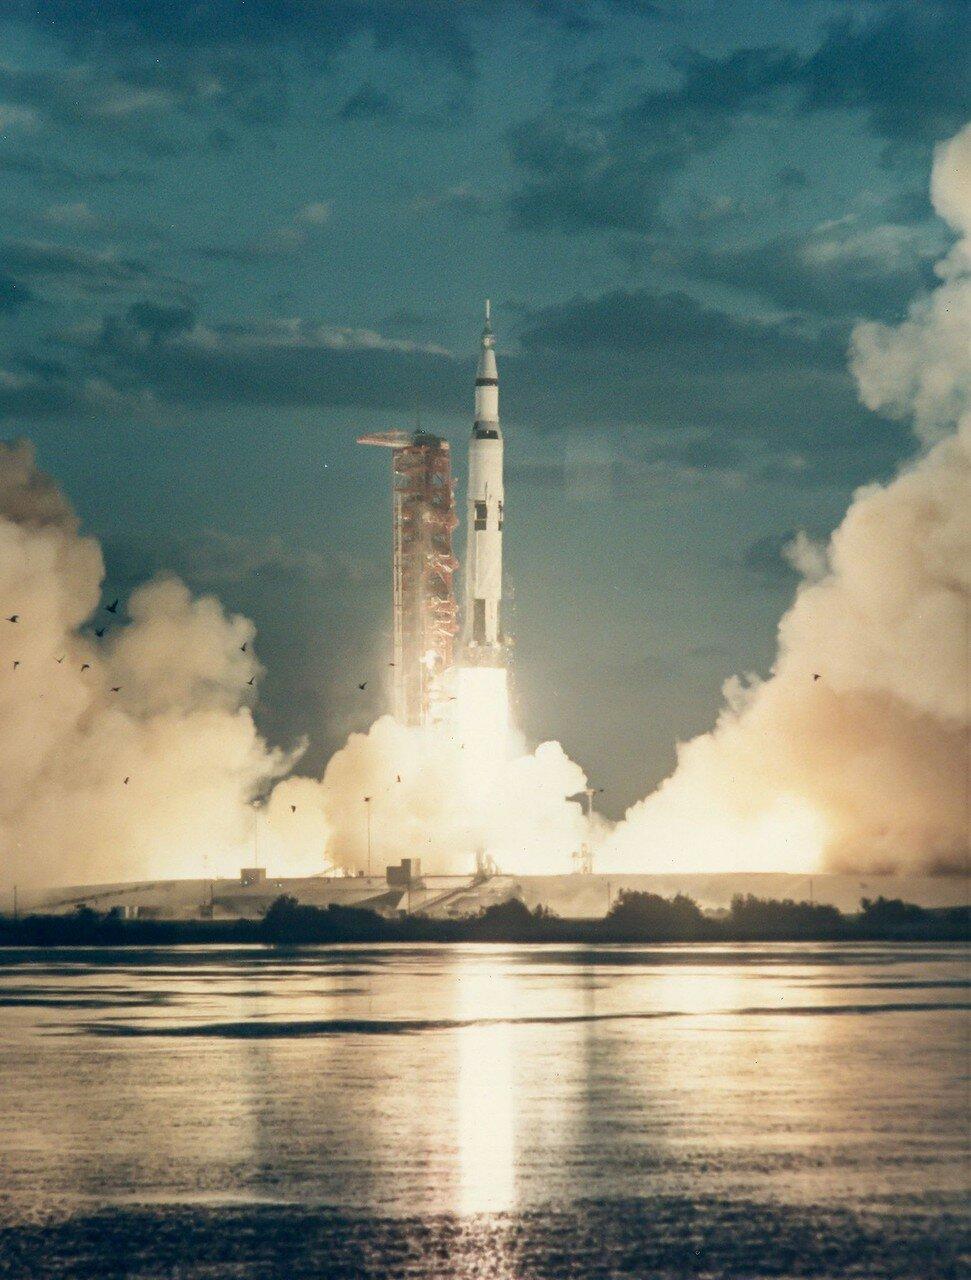 1967, 9 ноября.  «Аполлон-4»  — испытательный беспилотный запуск ракеты «Сатурн-5» с космическим кораблём серии «Аполлон» и макетом лунного модуля в качестве полезной нагрузки